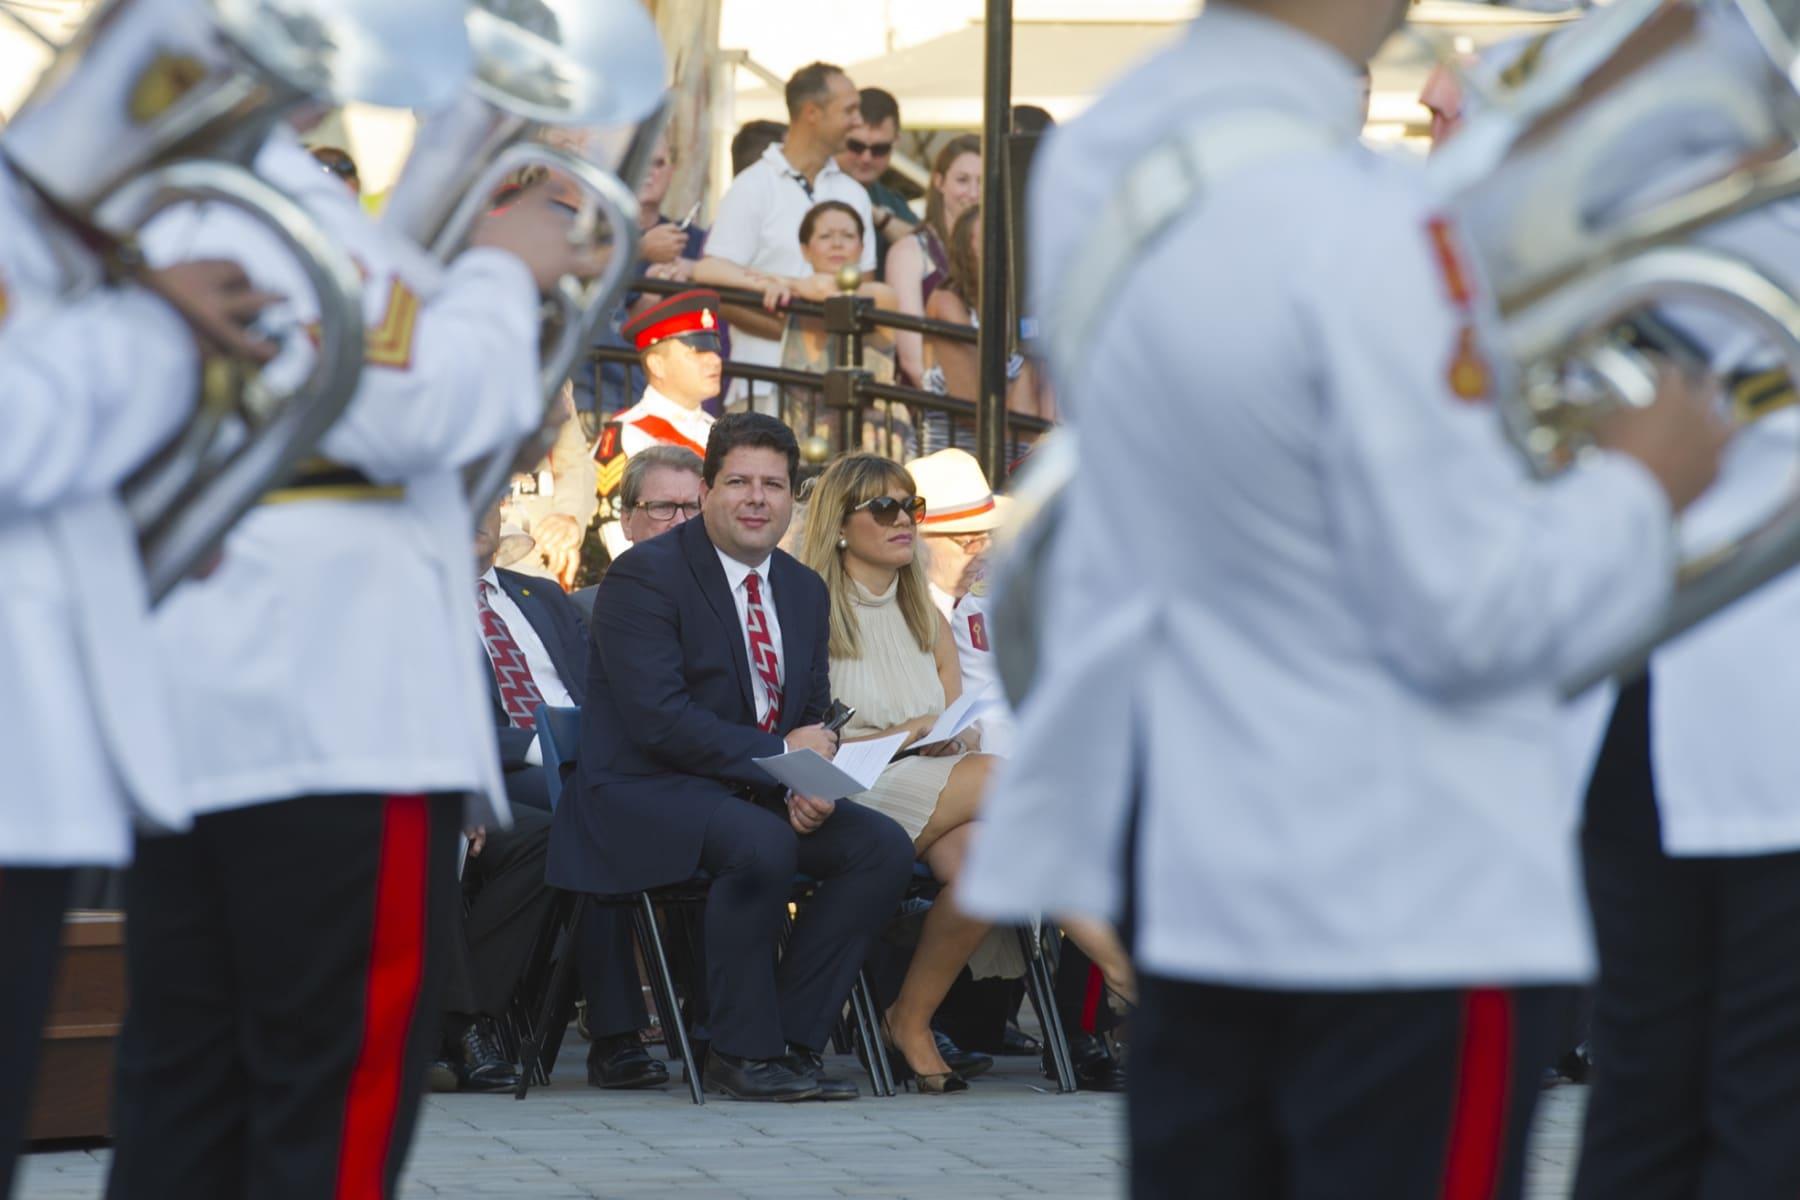 ceremonia-de-las-llaves-gibraltar-25092014-08_15171270088_o